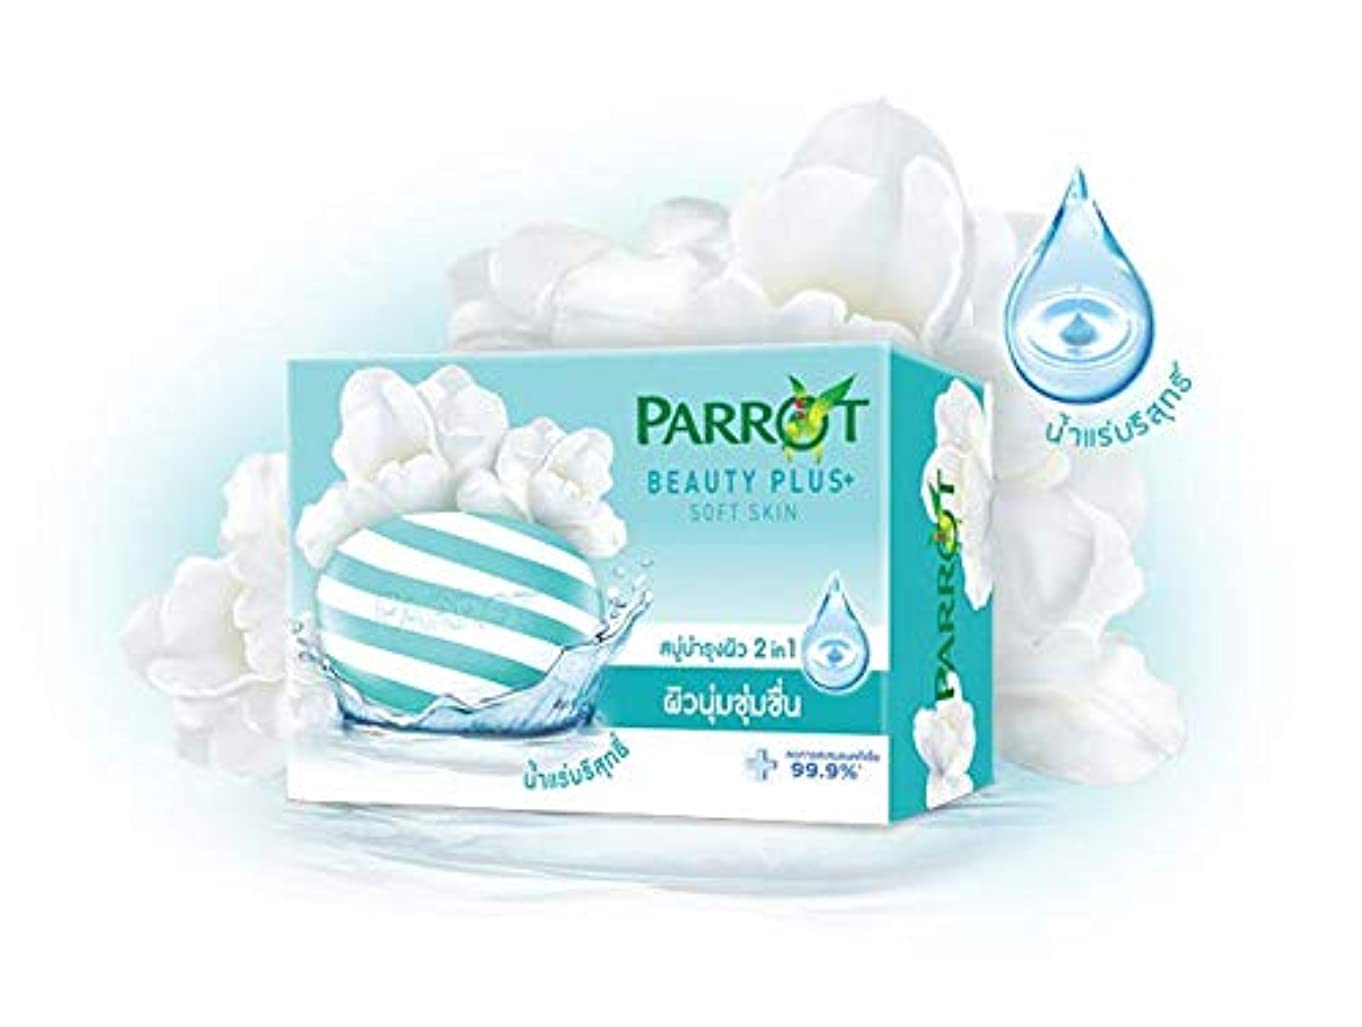 バスト偽物色Parrot Soap Reduce 99.9% bacteria accumulation Beauty Plus Sofe Skin (95 g x 4)